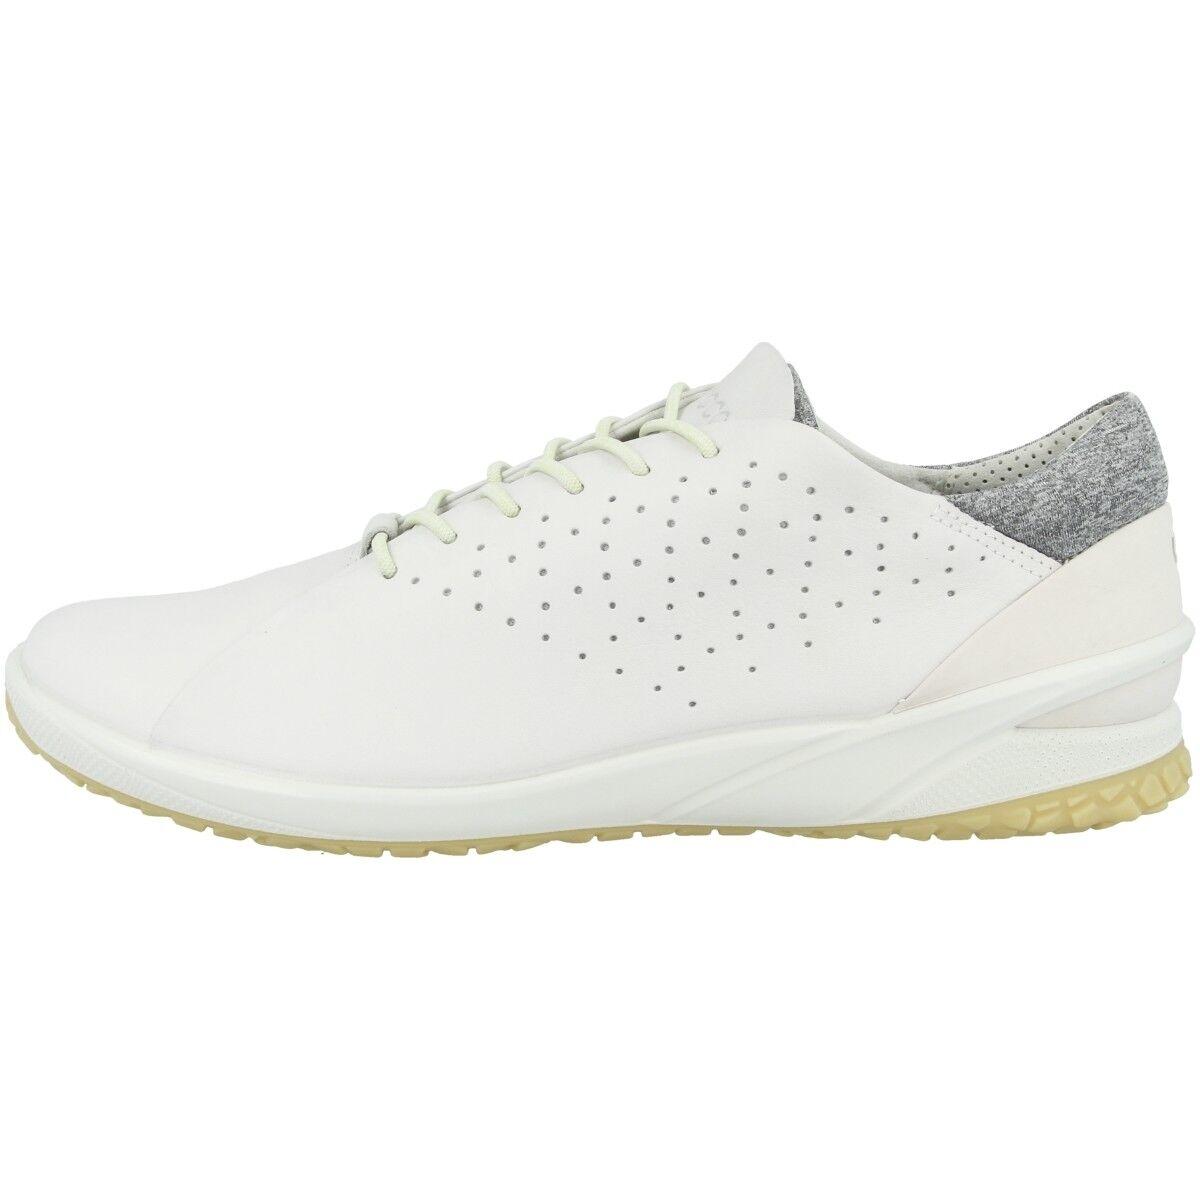 Ecco Biom Life Zapatos Natural Movimiento Mujer Zapatillas blancoo 880313-01007